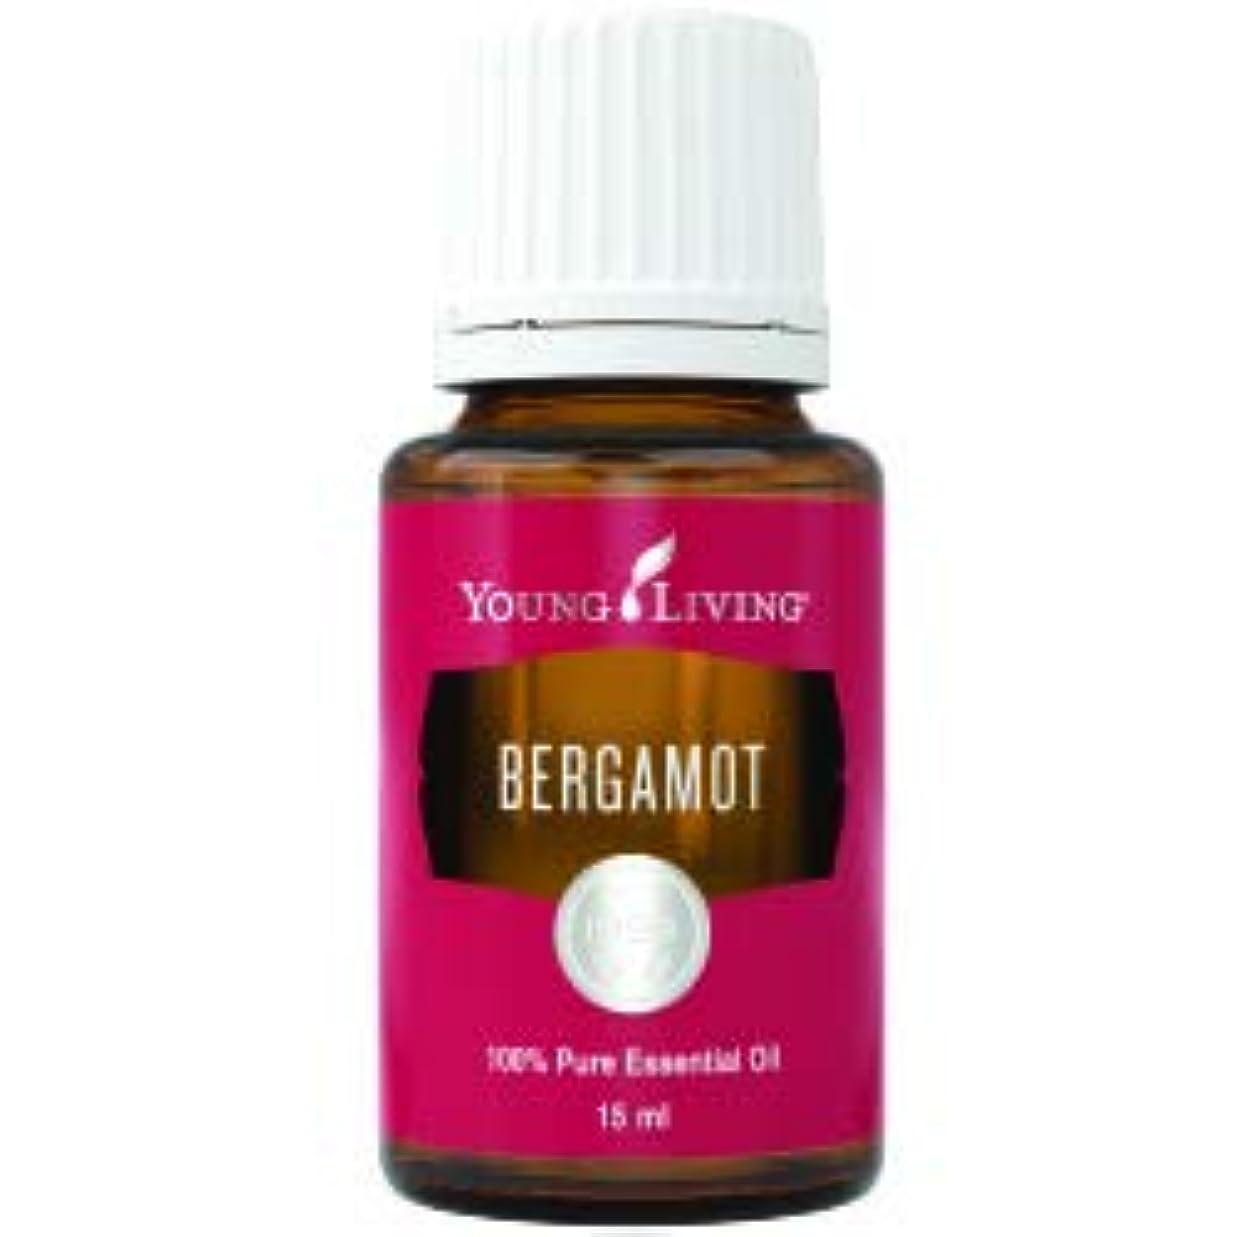 ヤングリビングマレーシアのベルガモットエッセンシャルオイル15 ml Bergamot Essential Oil 15 ml by Young Living Malaysia